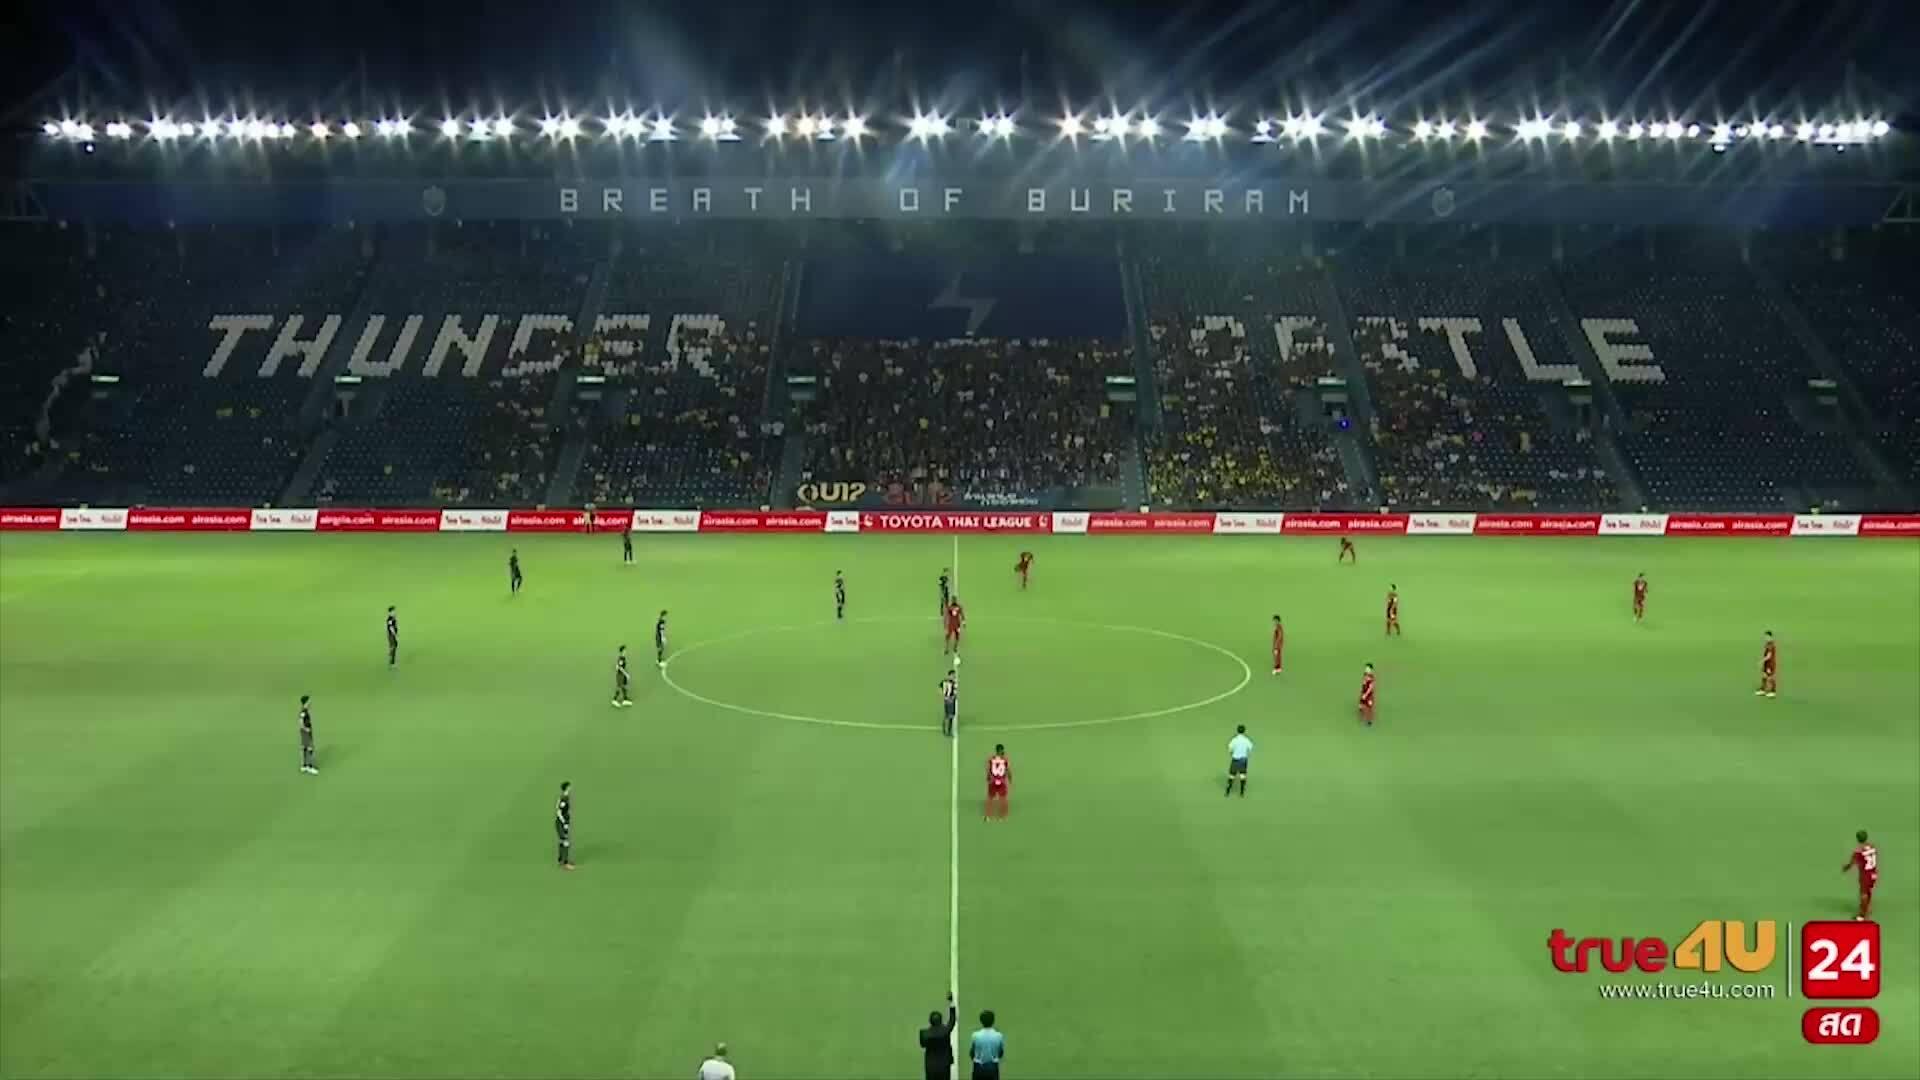 Buriram United 1-1 Trat